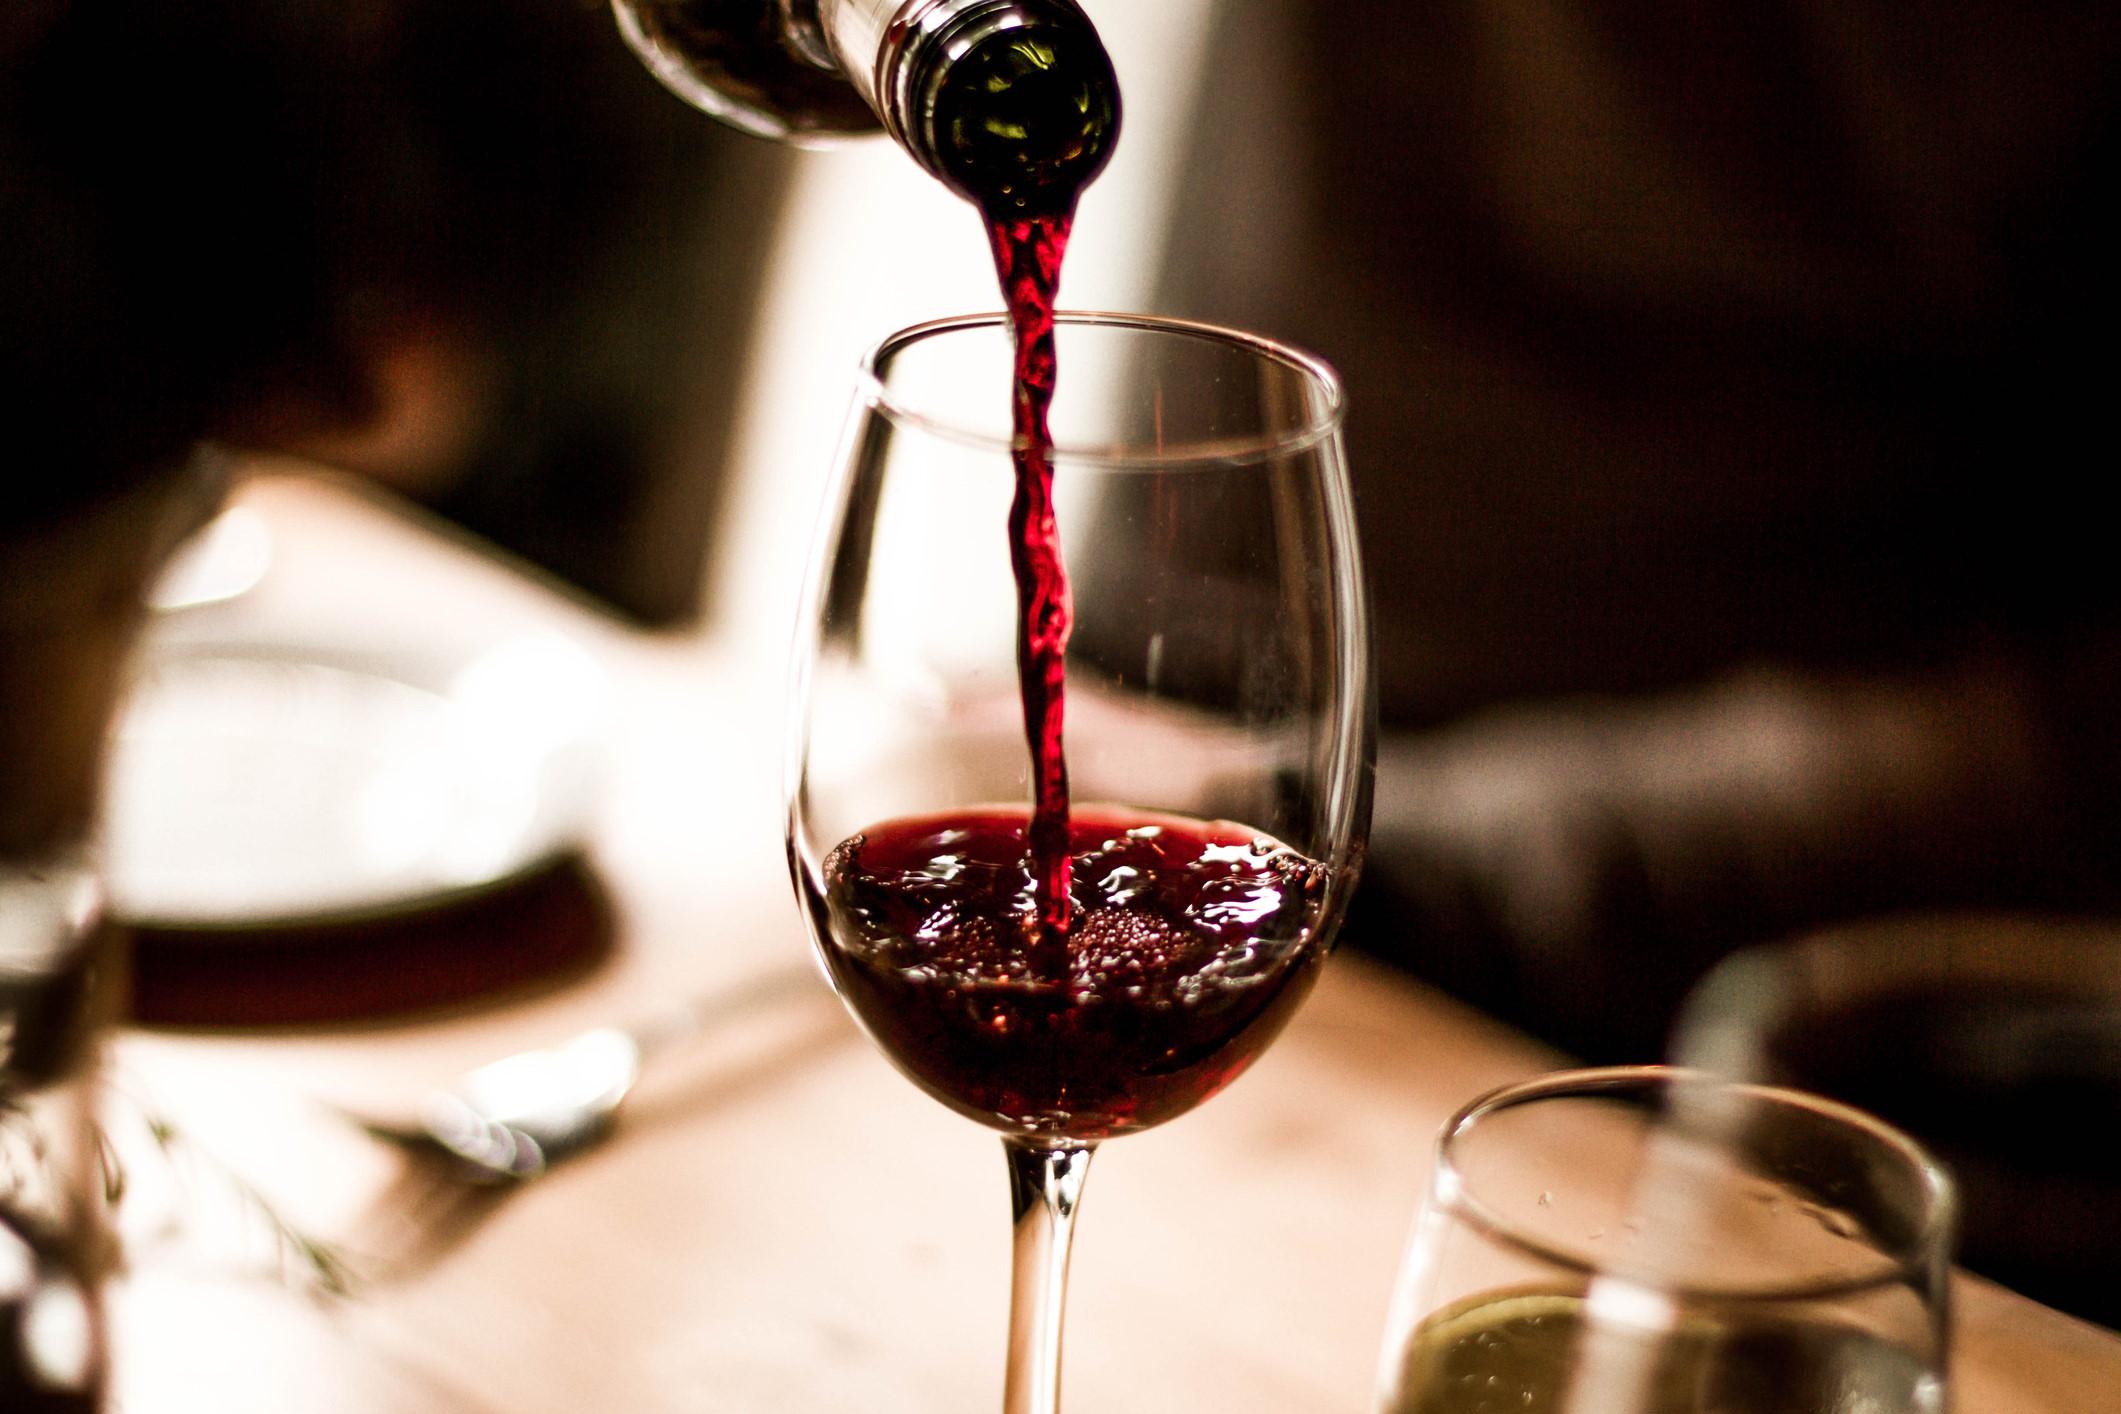 Ly rượu hàng ngày làm tăng nguy cơ tử vong sớm lên 20% Ảnh 1